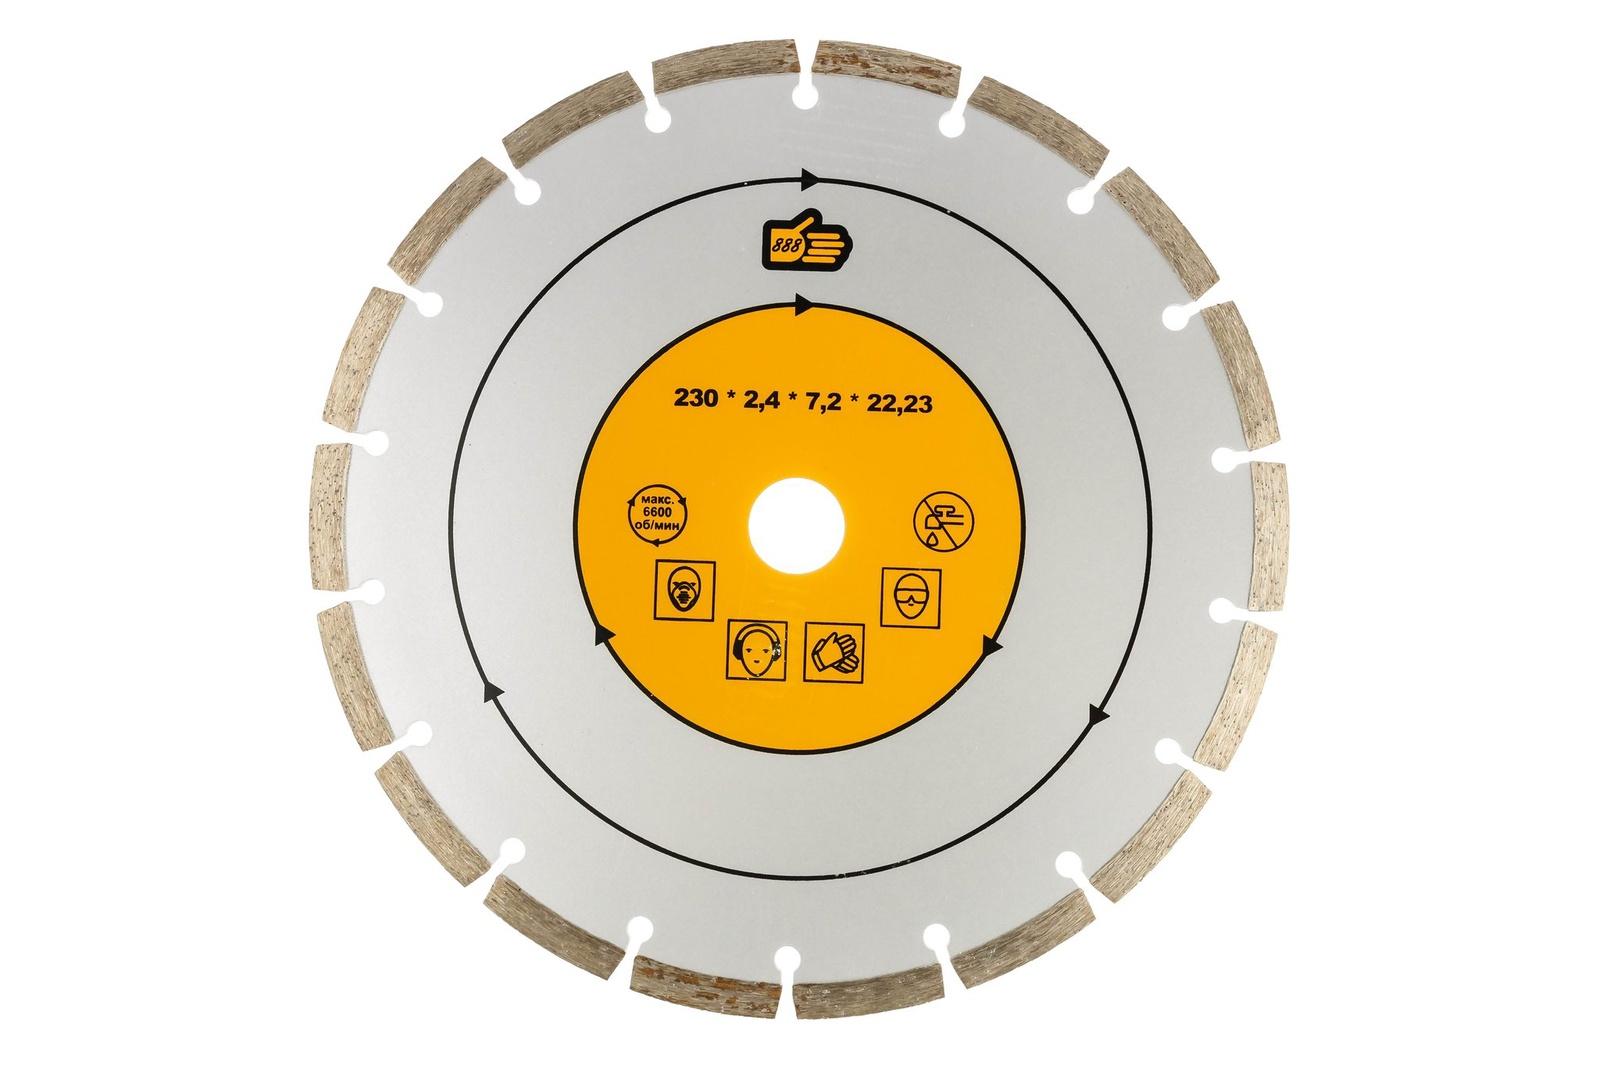 Круг отрезной 888 Диск алмазный сегментныйБ/НДиск алмазный сегментный для сухого реза по камню. Диск используется для реза бетона, кирпича и тротуарной плитки. Диаметр и толщина диска: 230х2,4 мм. Диаметр посадочного отверстия: 22 мм.